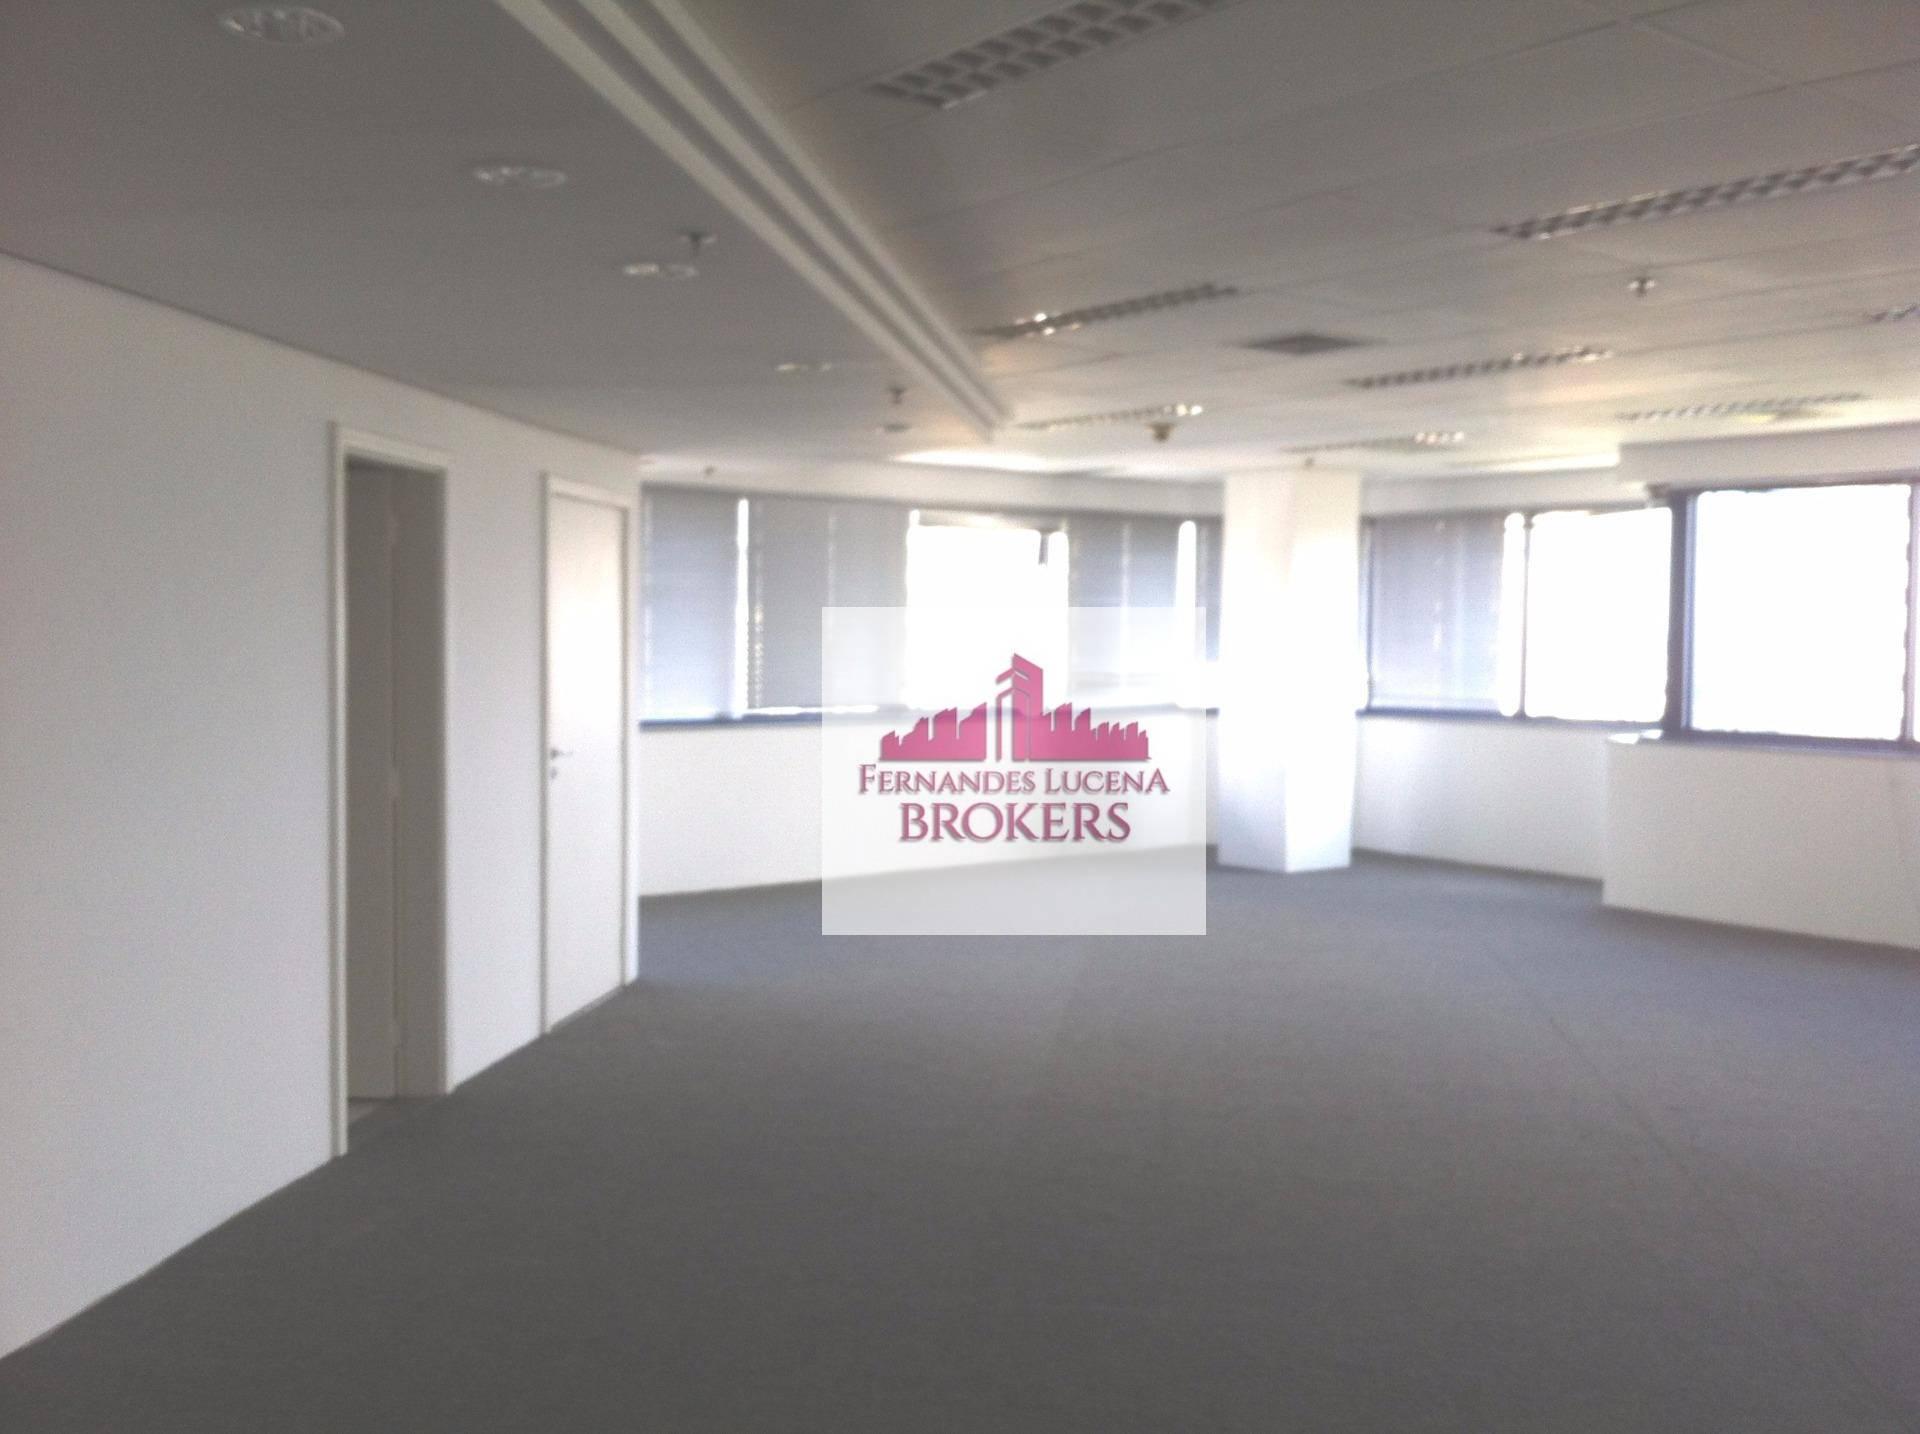 Conjunto para alugar, 209 m² por R$ 7.400/mês - Alphaville Industrial - Barueri/SP